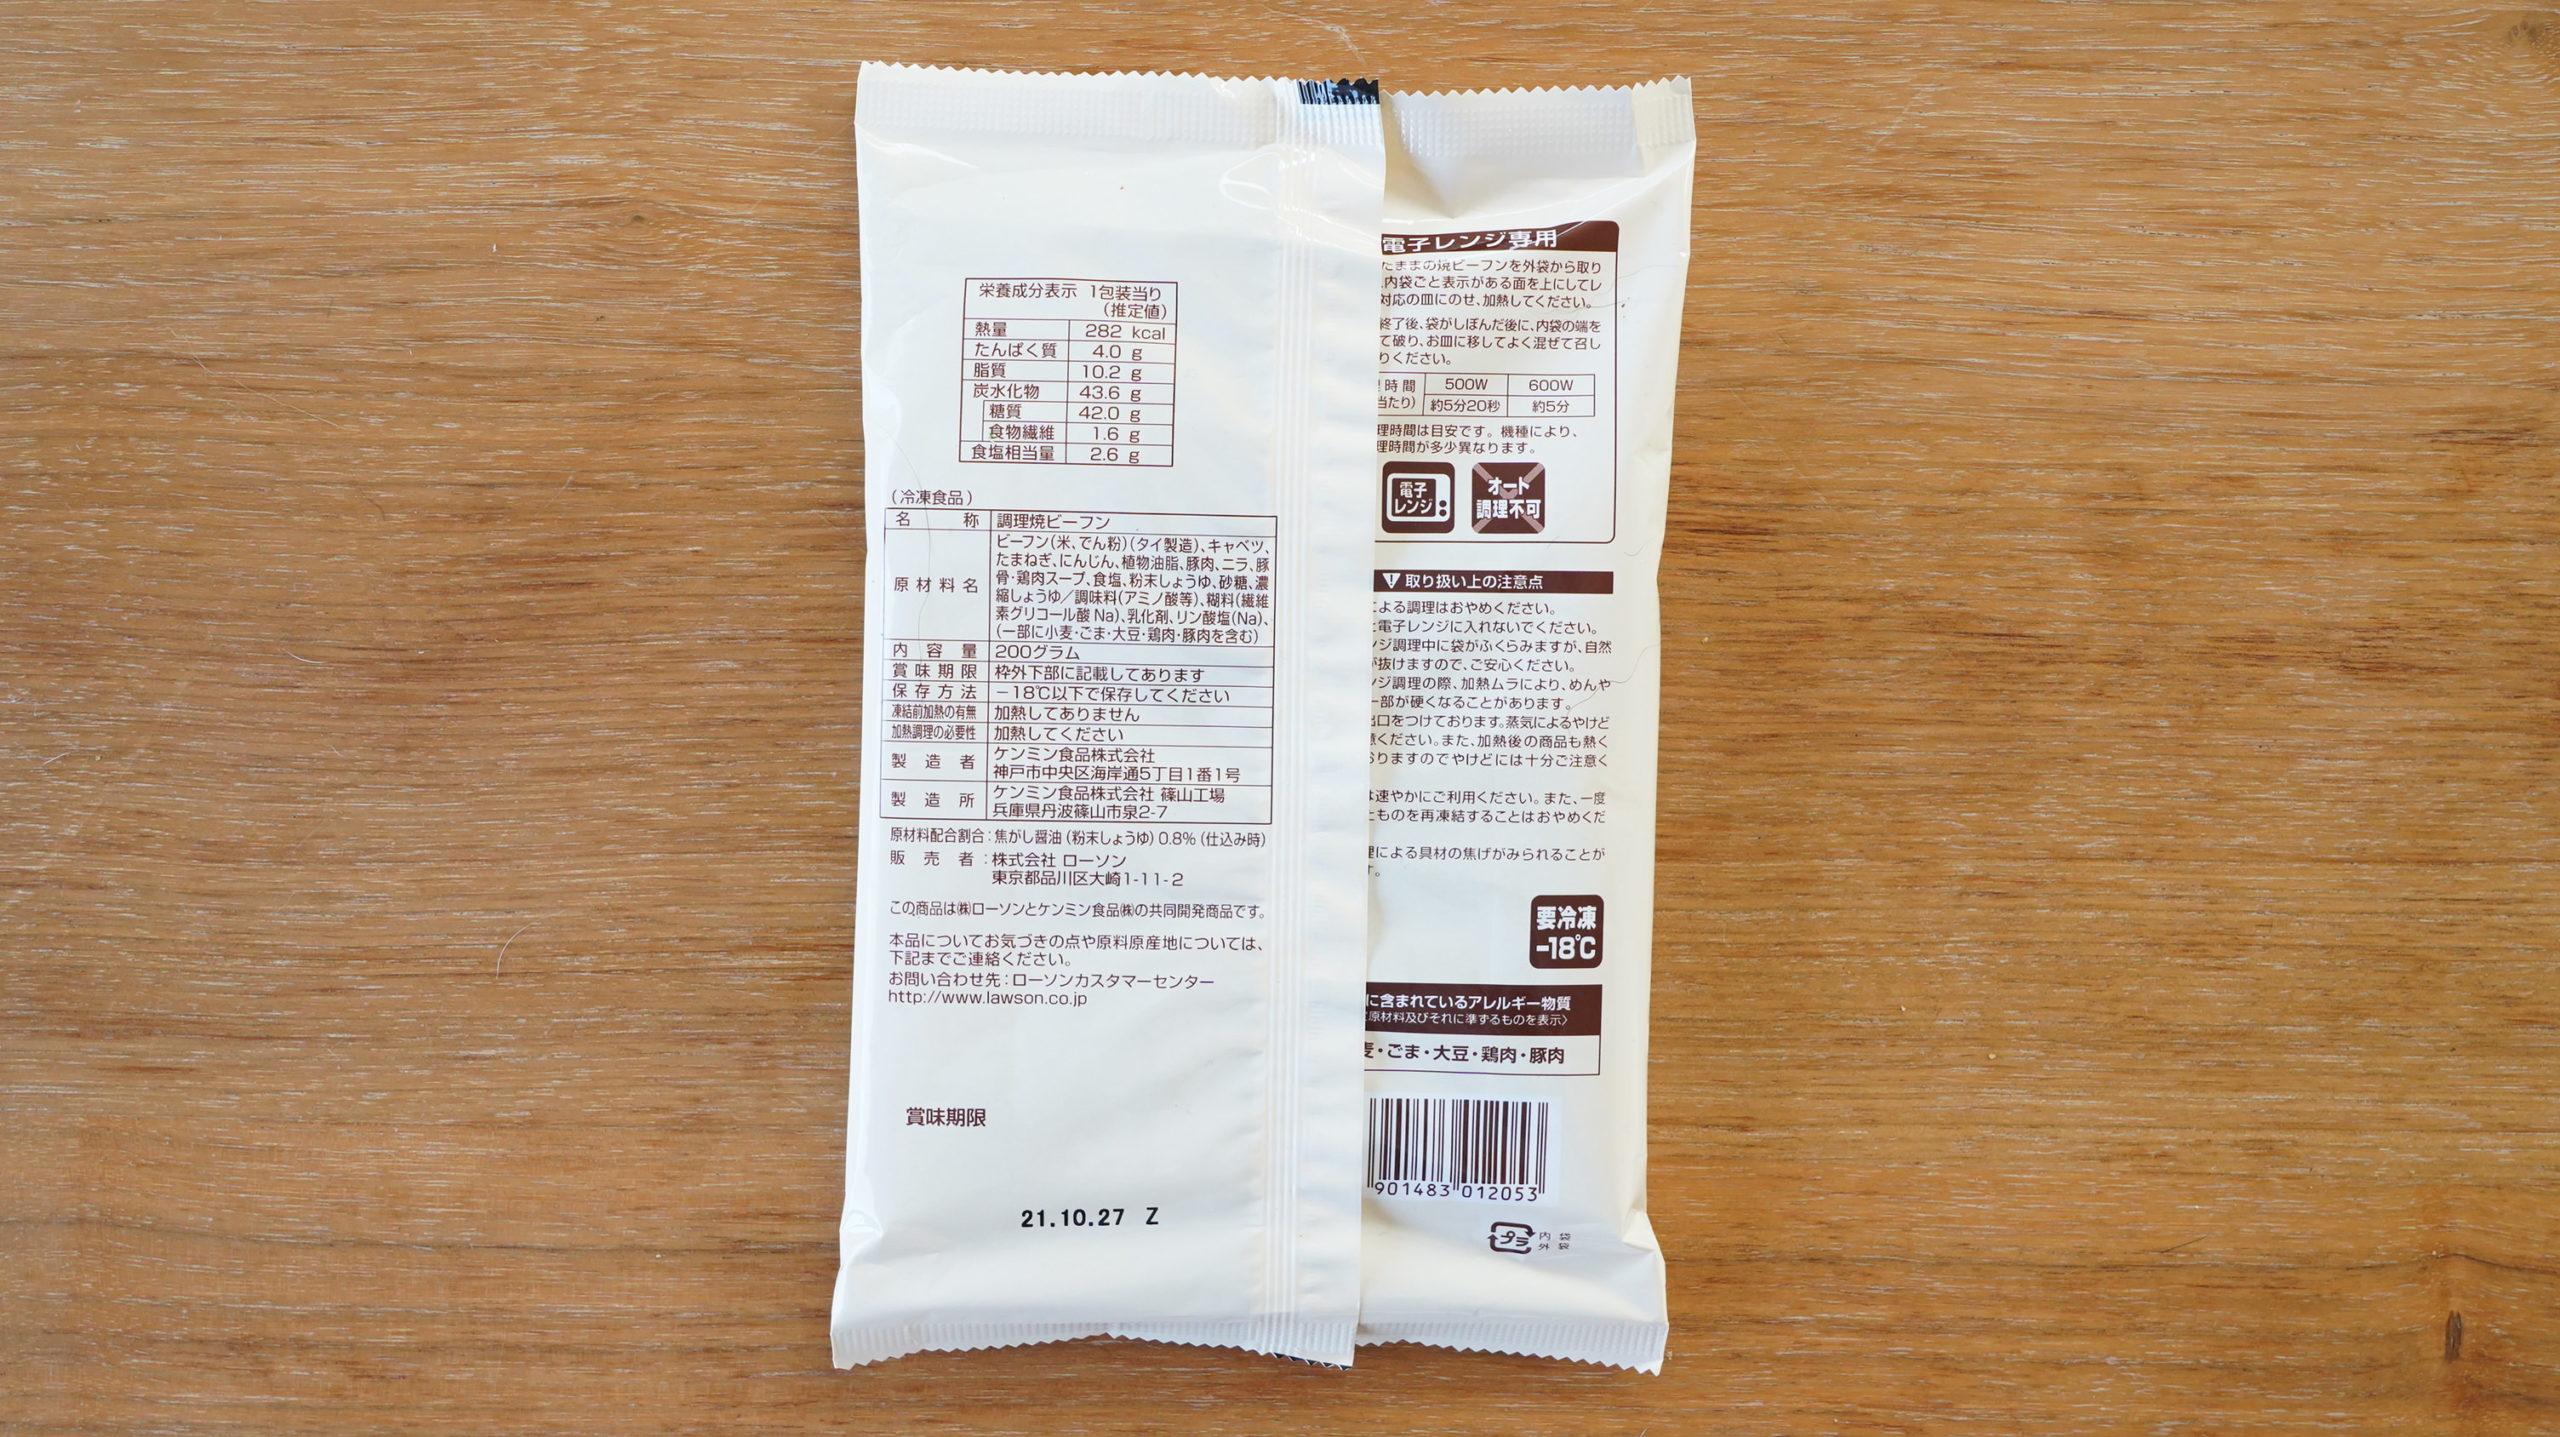 ローソンの冷凍食品「焼ビーフン」のパッケージ裏面の写真